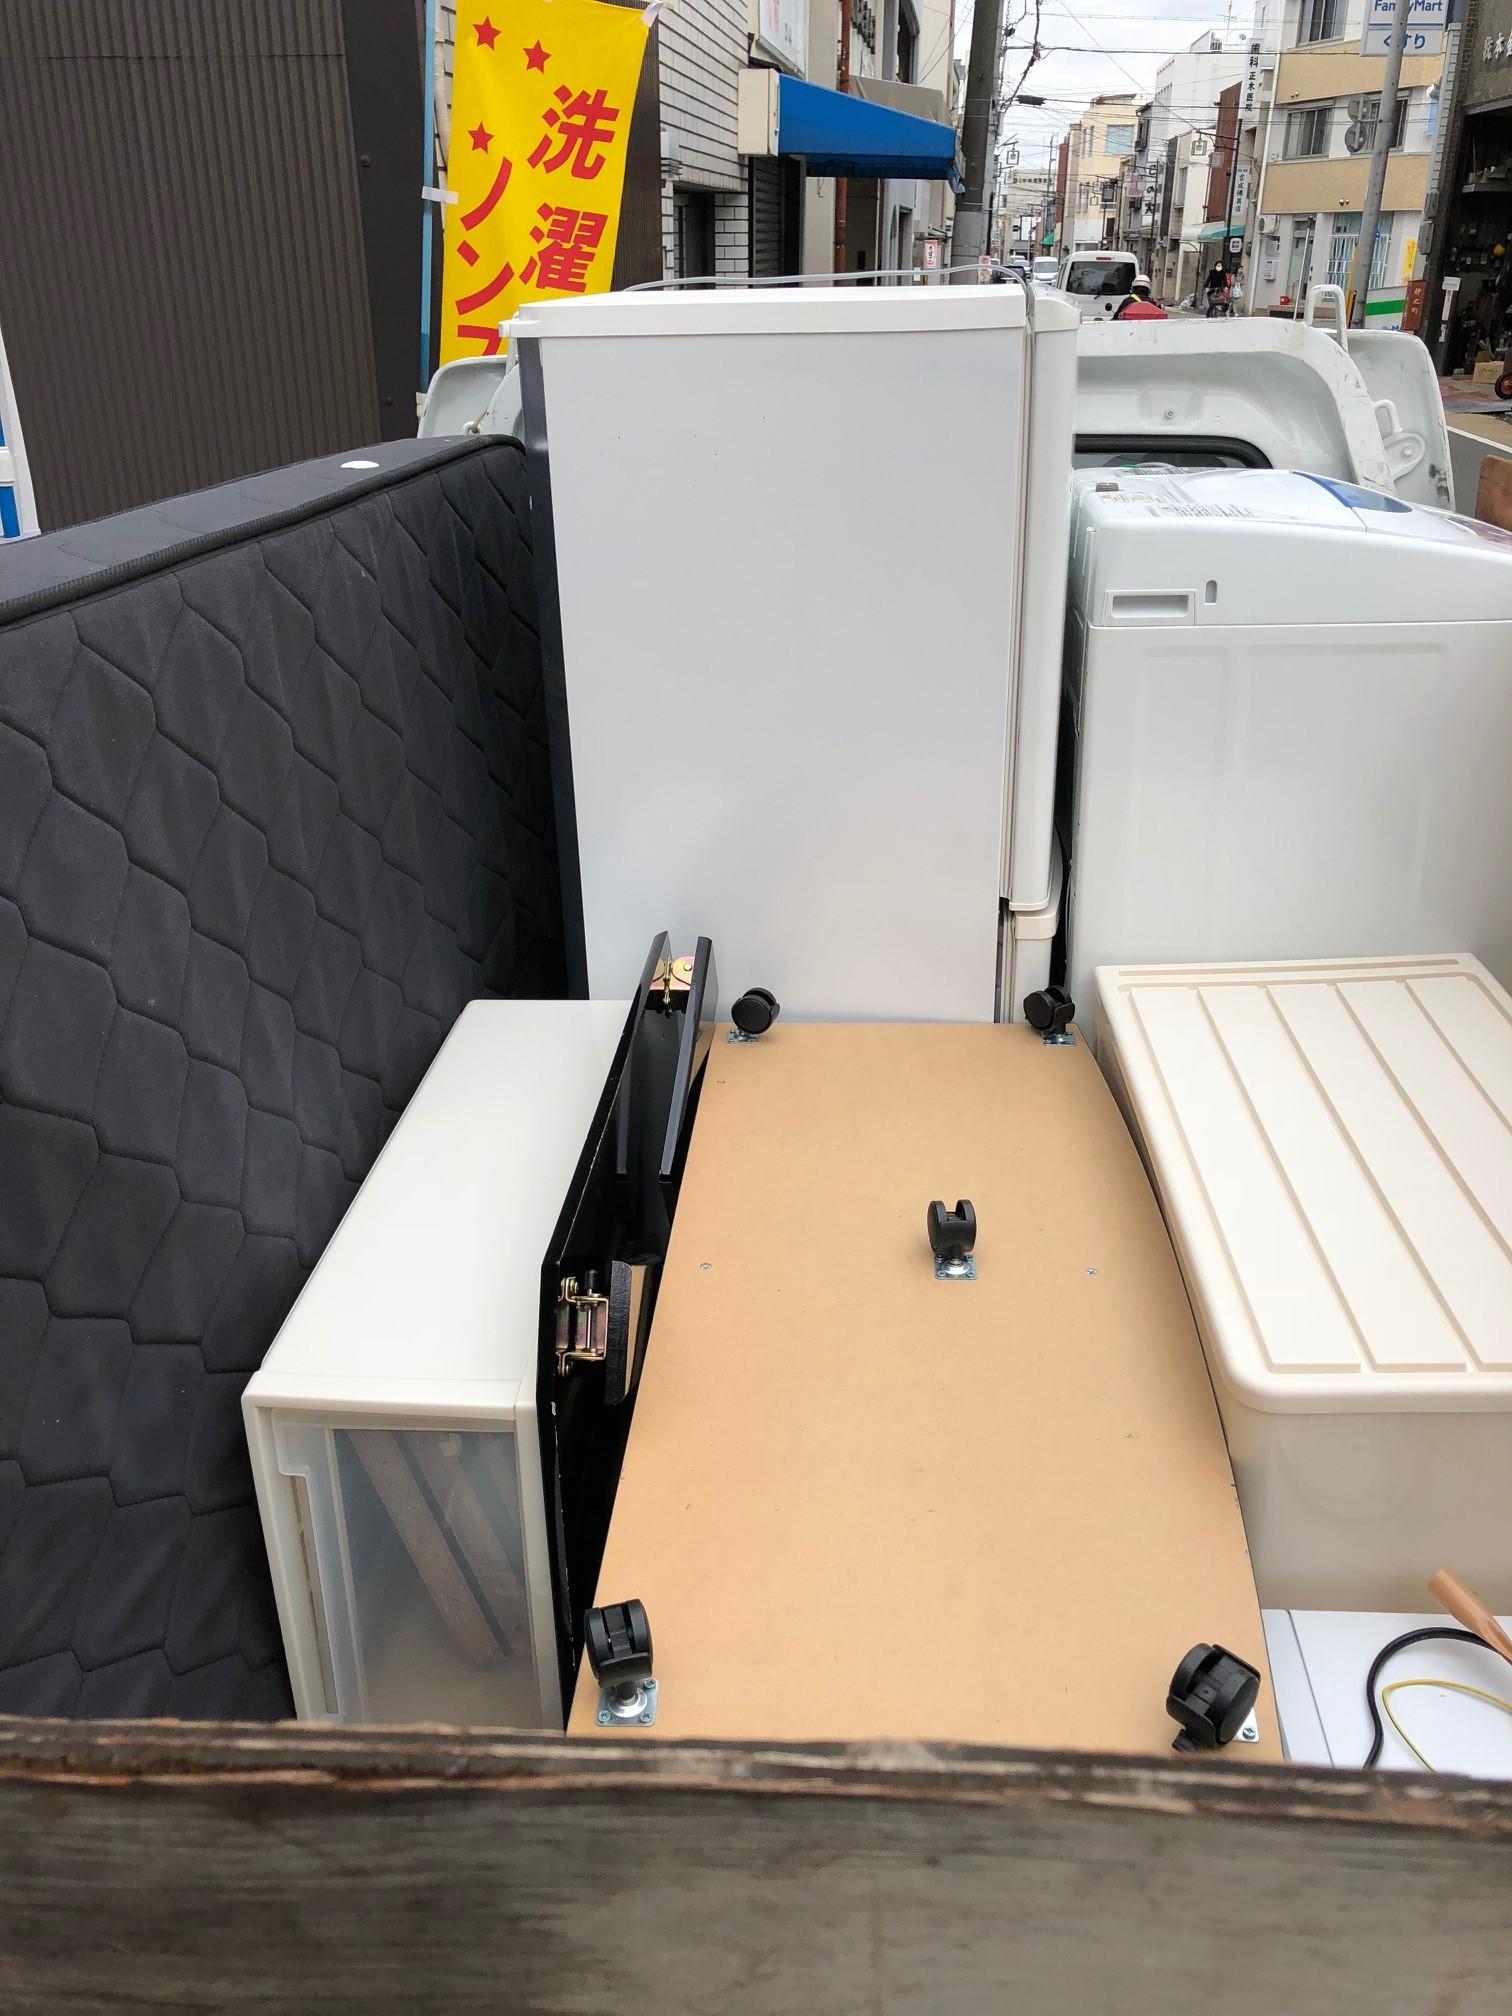 京都市上京区仲之町で冷蔵庫や洗濯機などの不用品回収 施工事例紹介